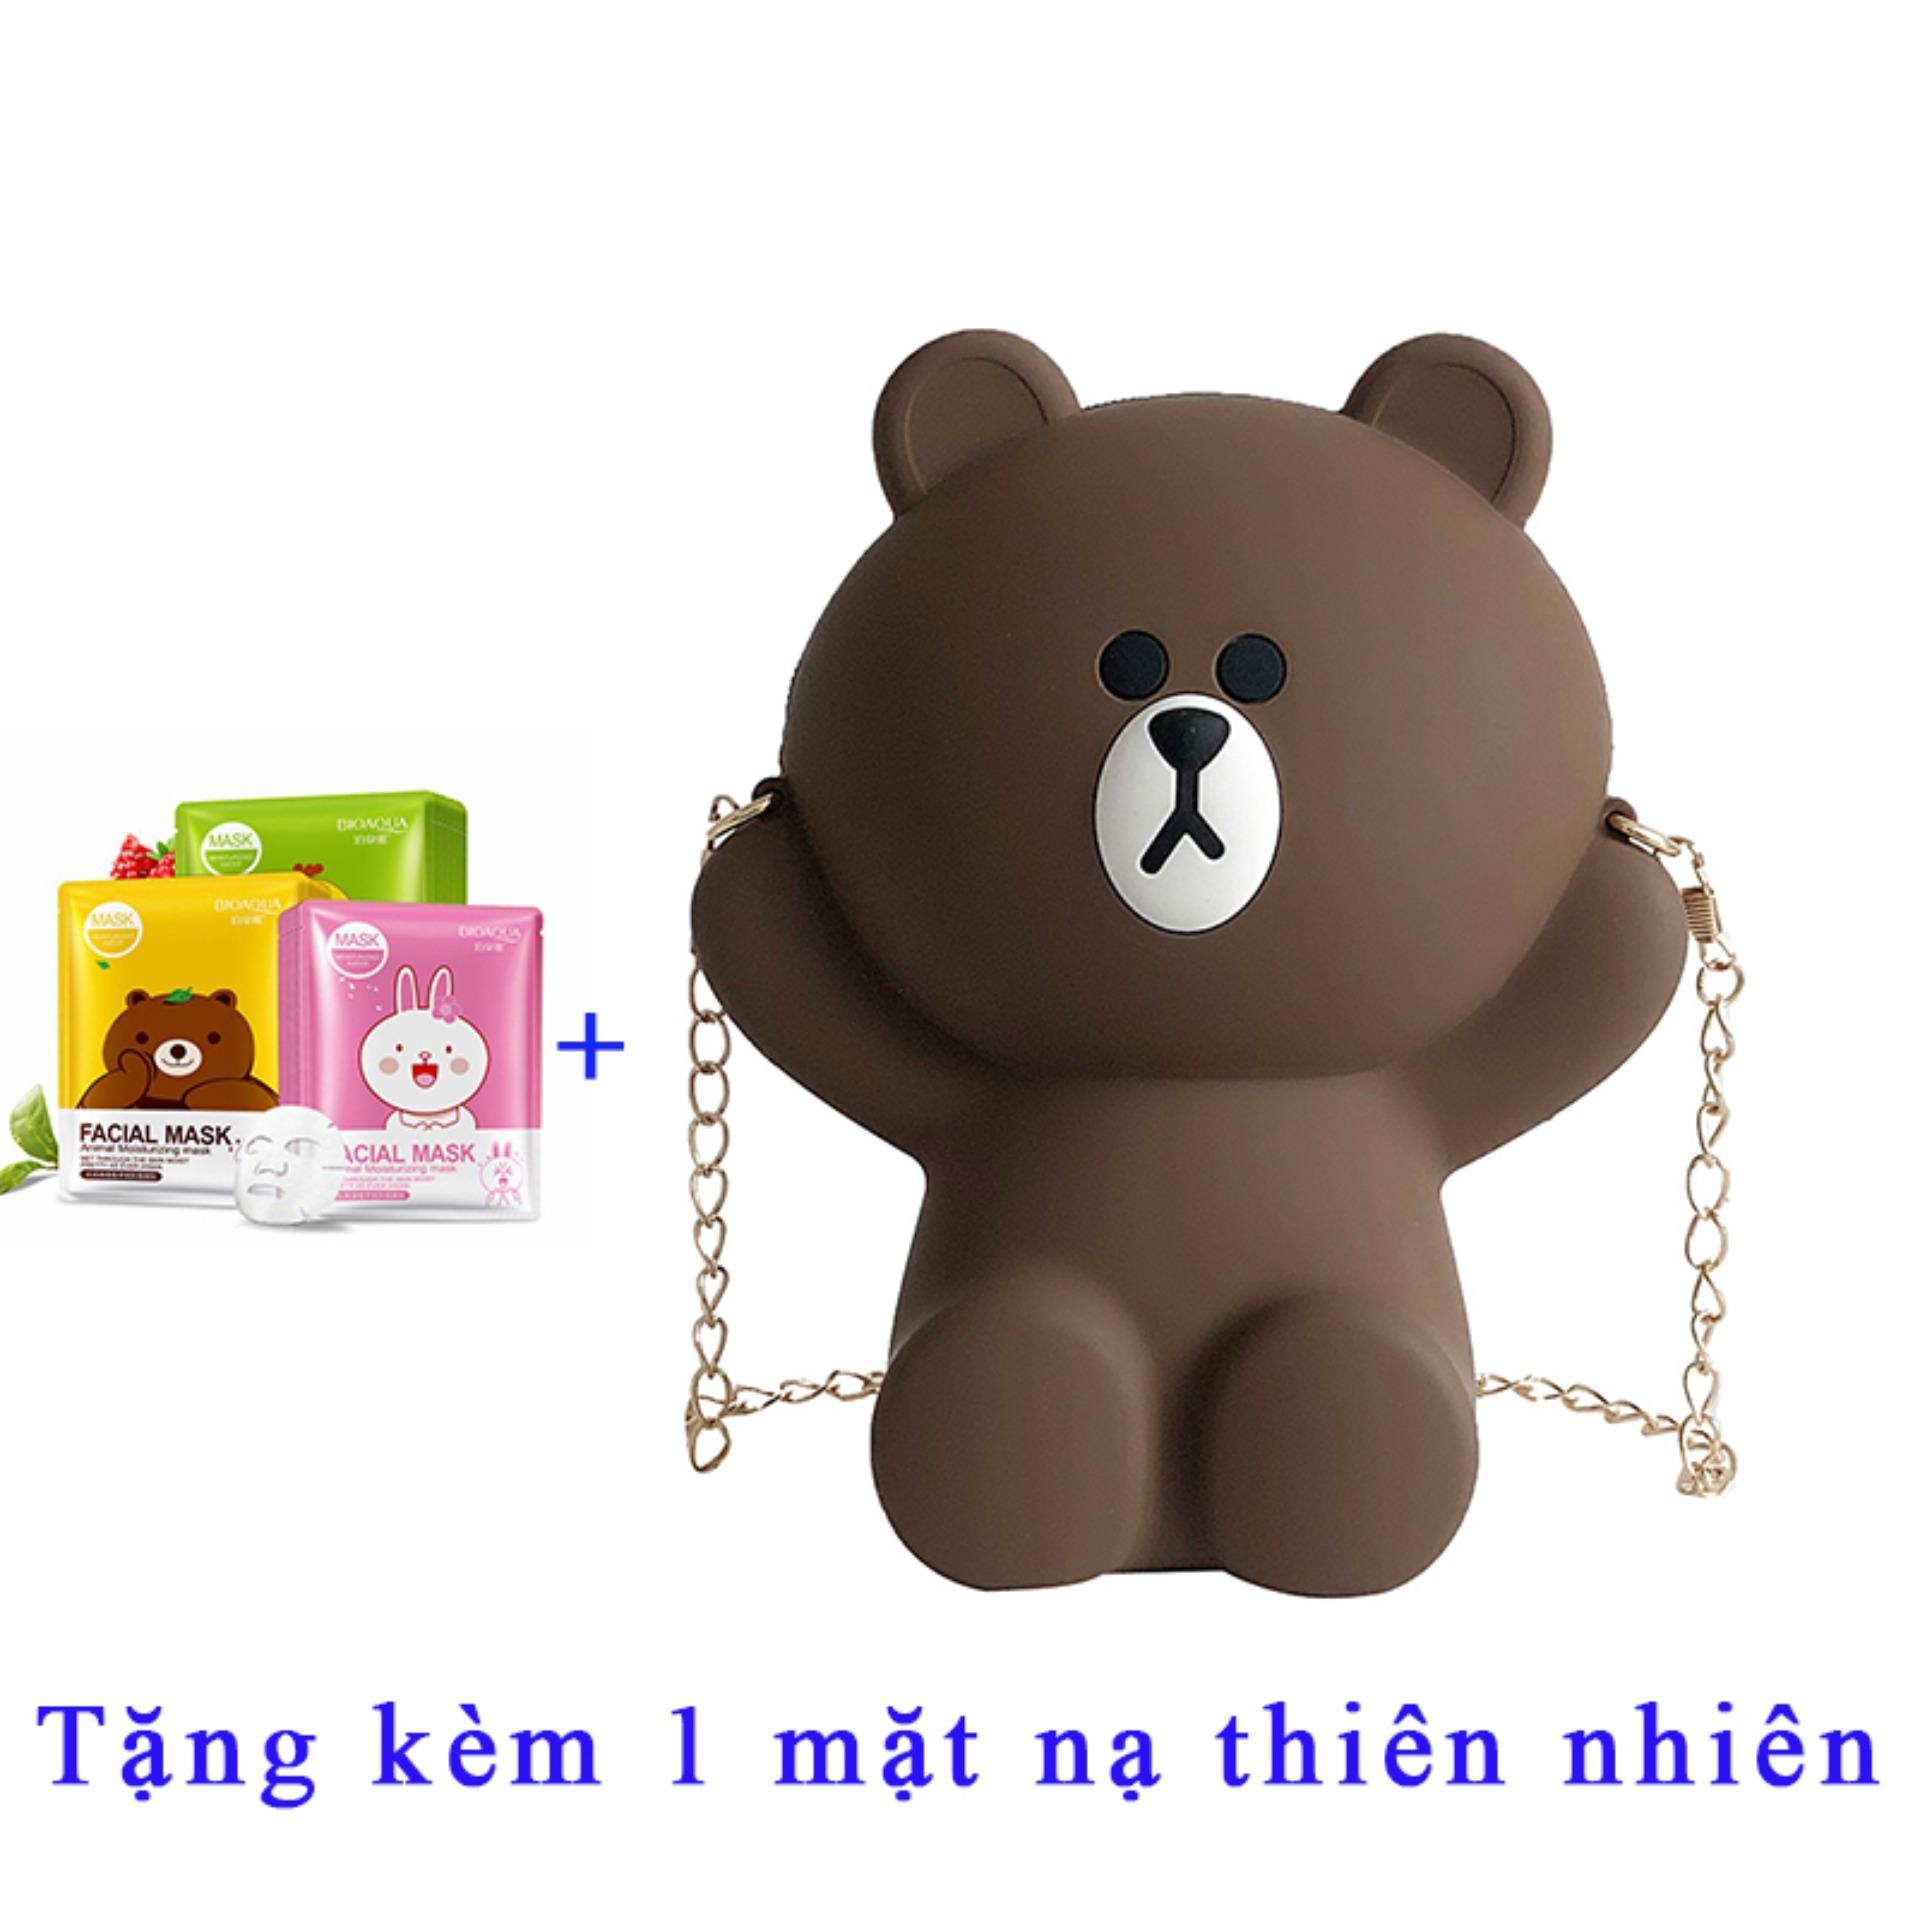 [TẶNG QUÀ- chát với shop để nhận quà] túi đeo chéo gấu nâu siêu cute T1054